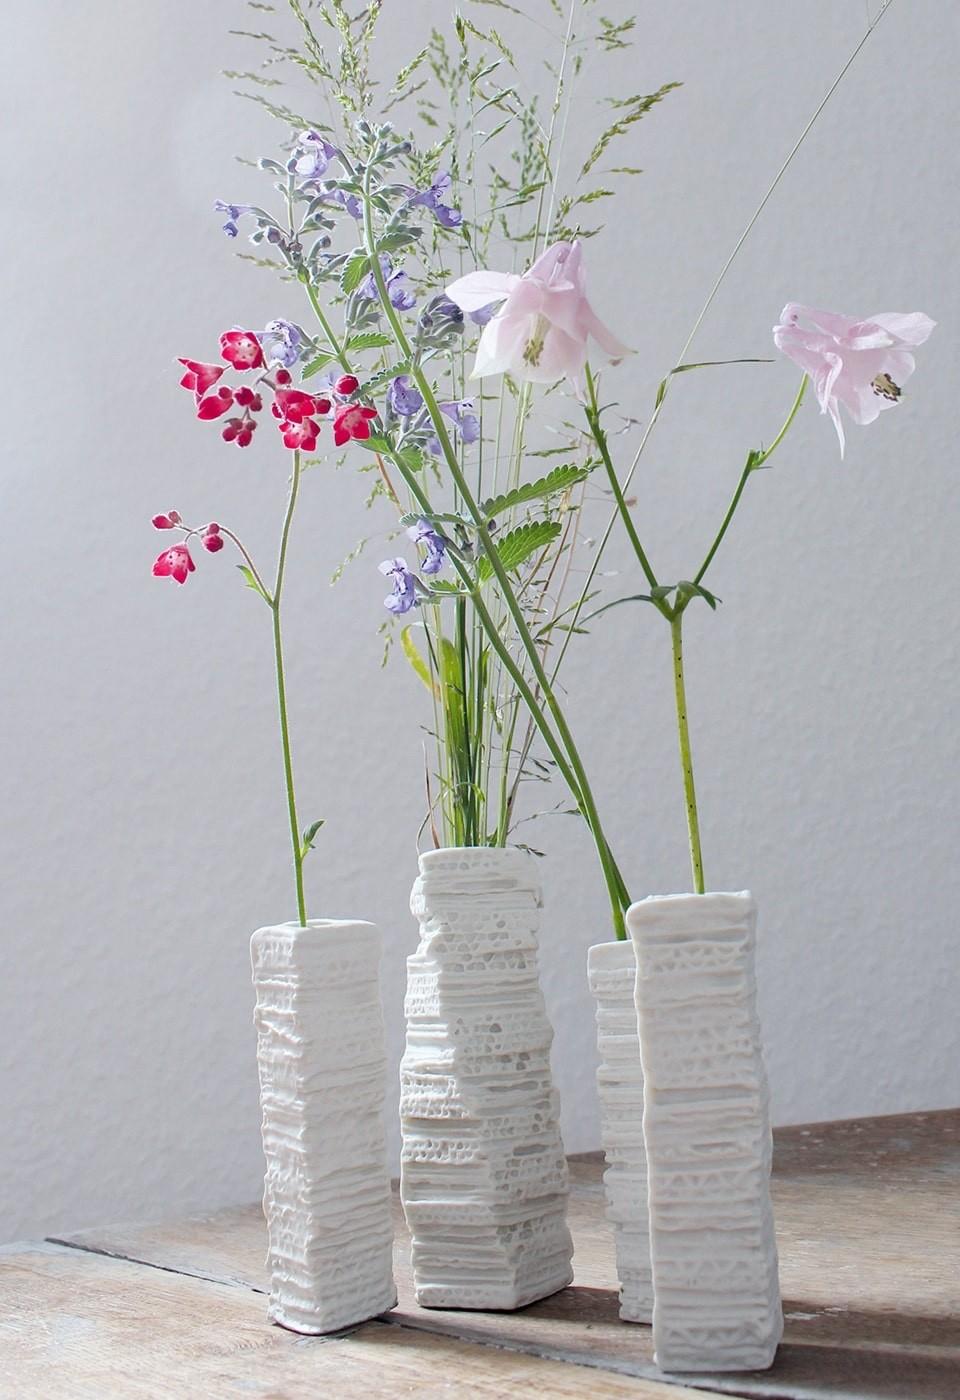 FlowerTower_Unterseite_Fotos_03.jpg